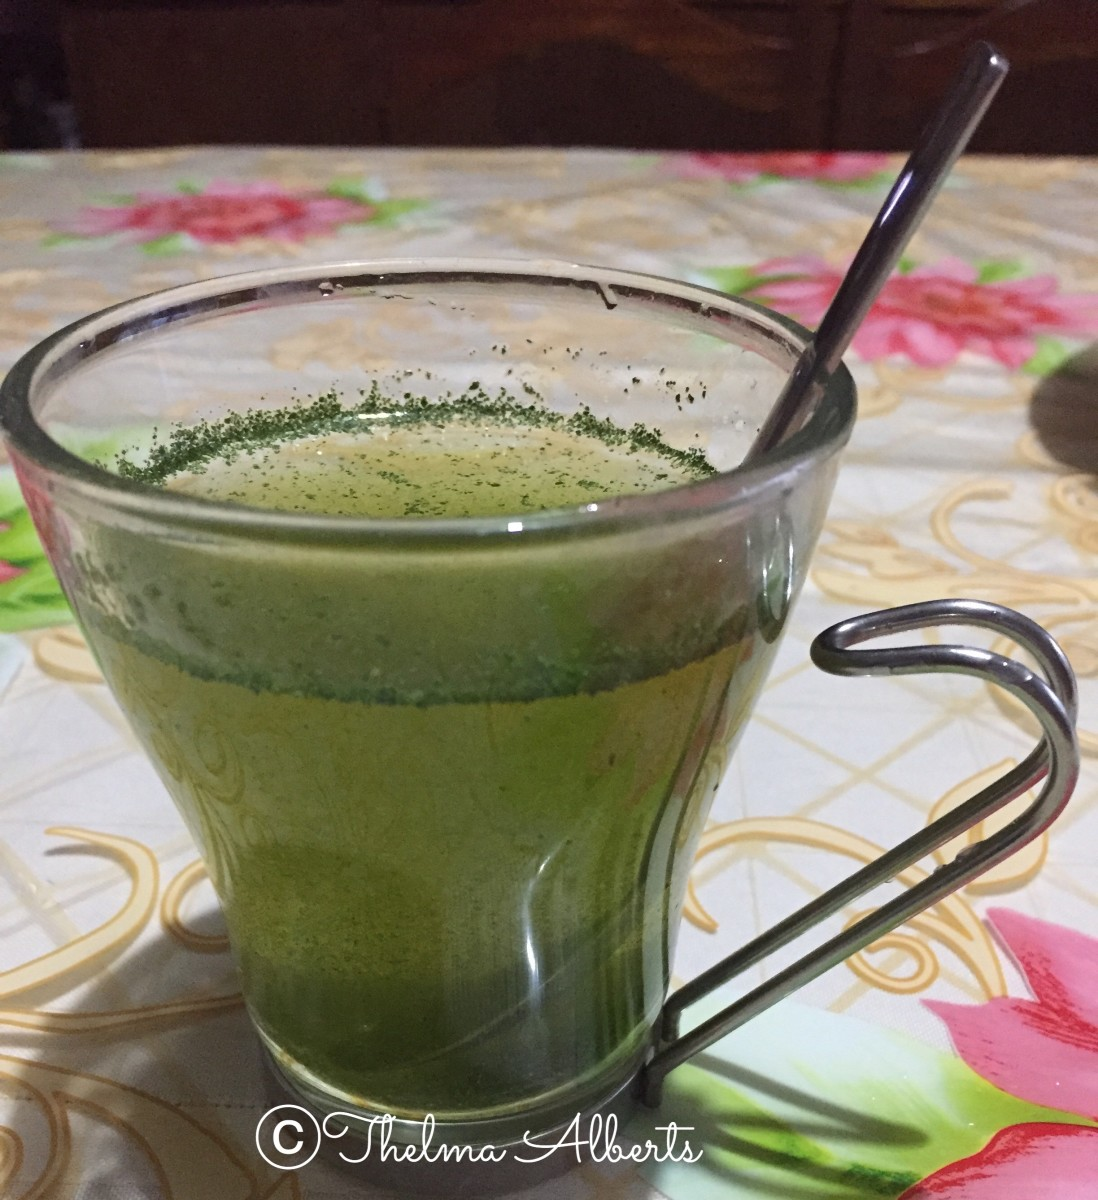 Unsieved Moringa/Miracle tree tea.